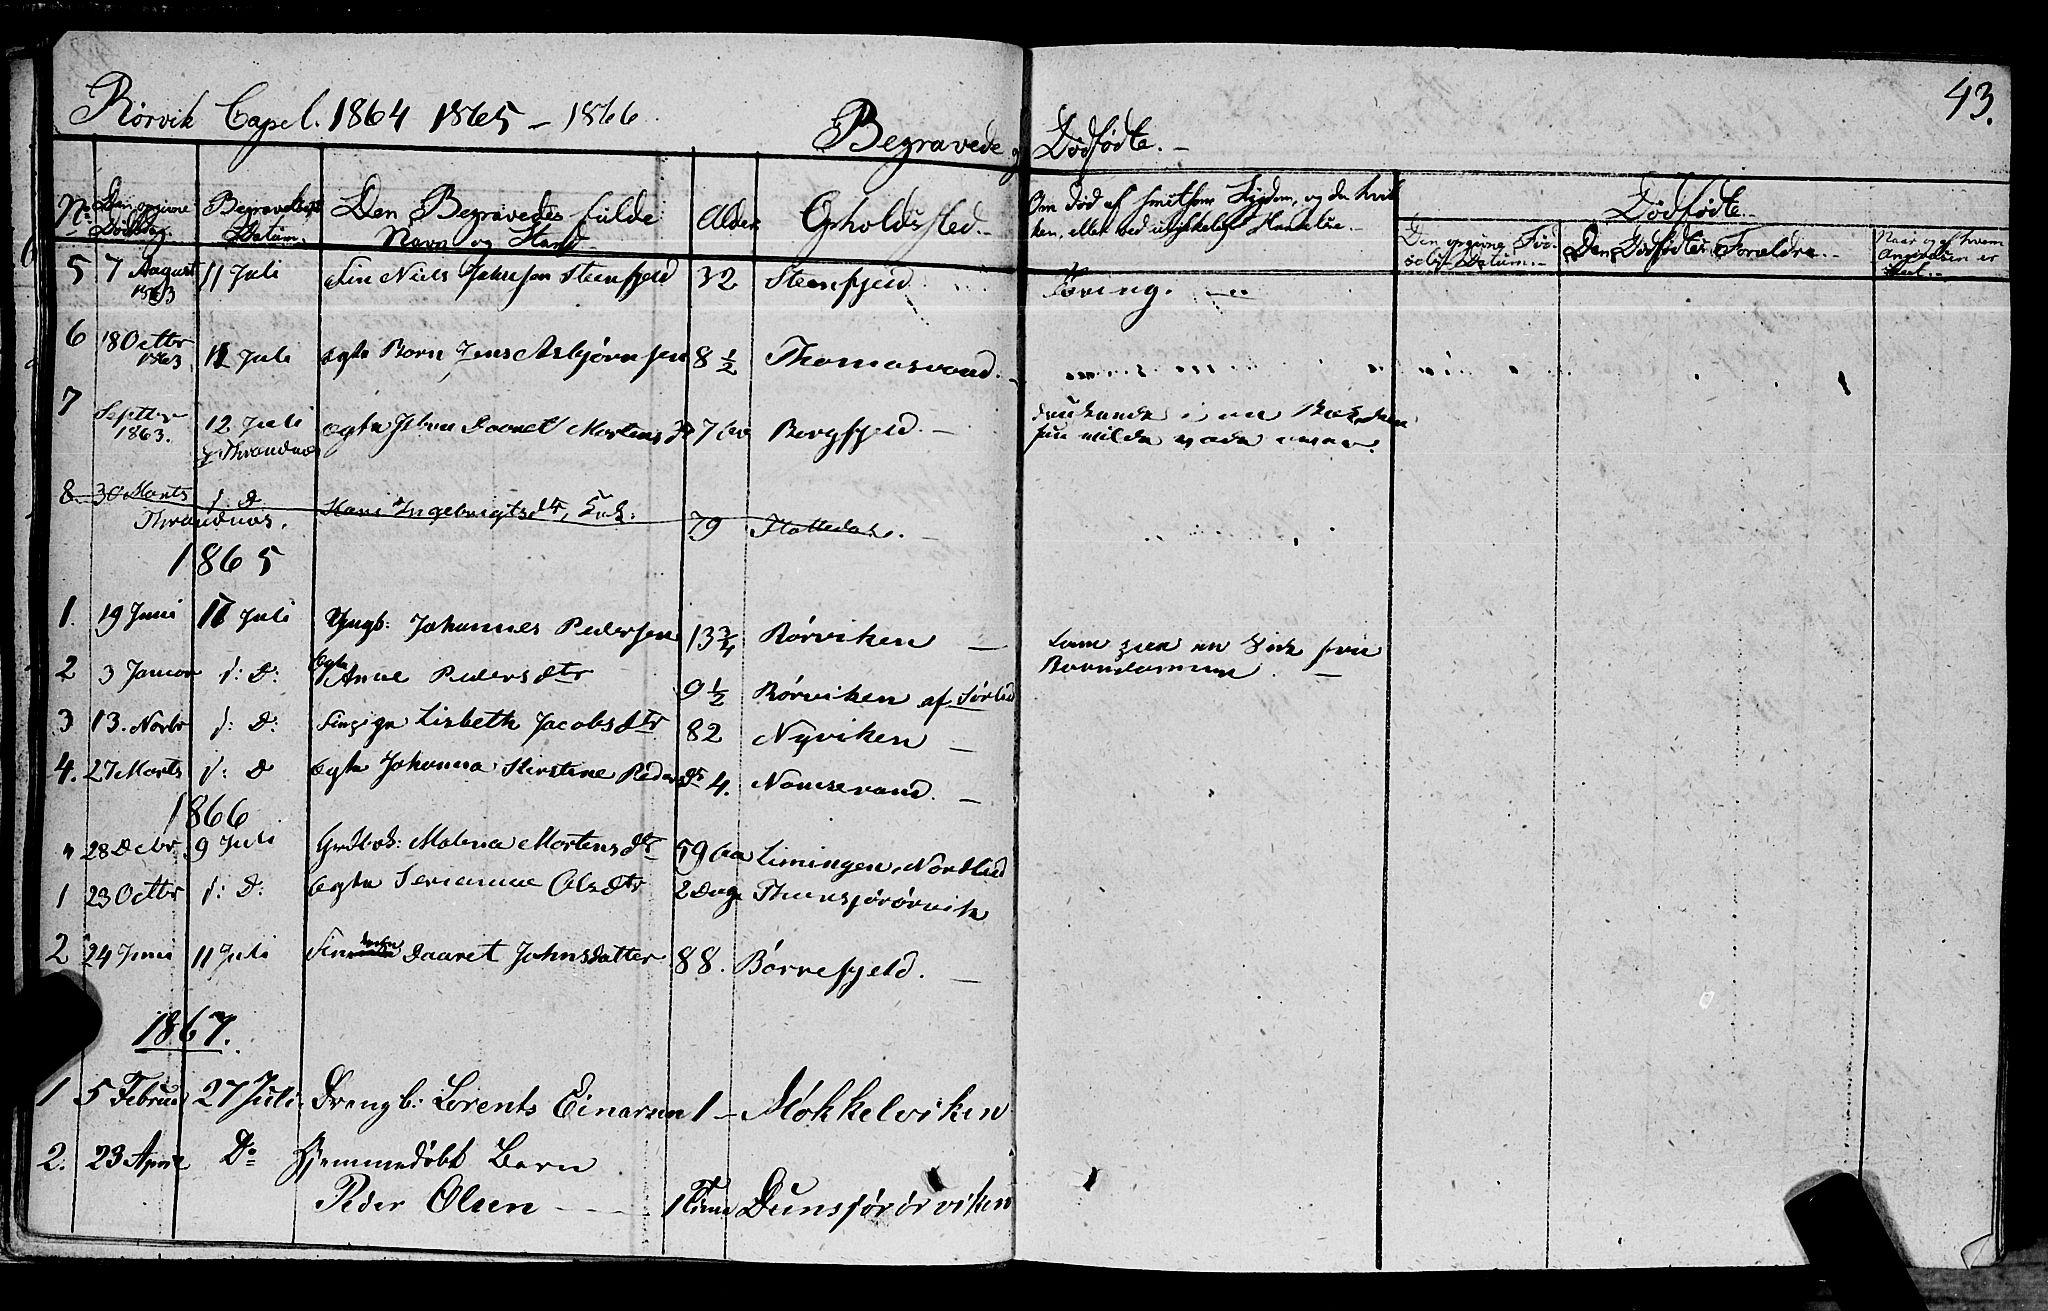 SAT, Ministerialprotokoller, klokkerbøker og fødselsregistre - Nord-Trøndelag, 762/L0538: Ministerialbok nr. 762A02 /1, 1833-1879, s. 43